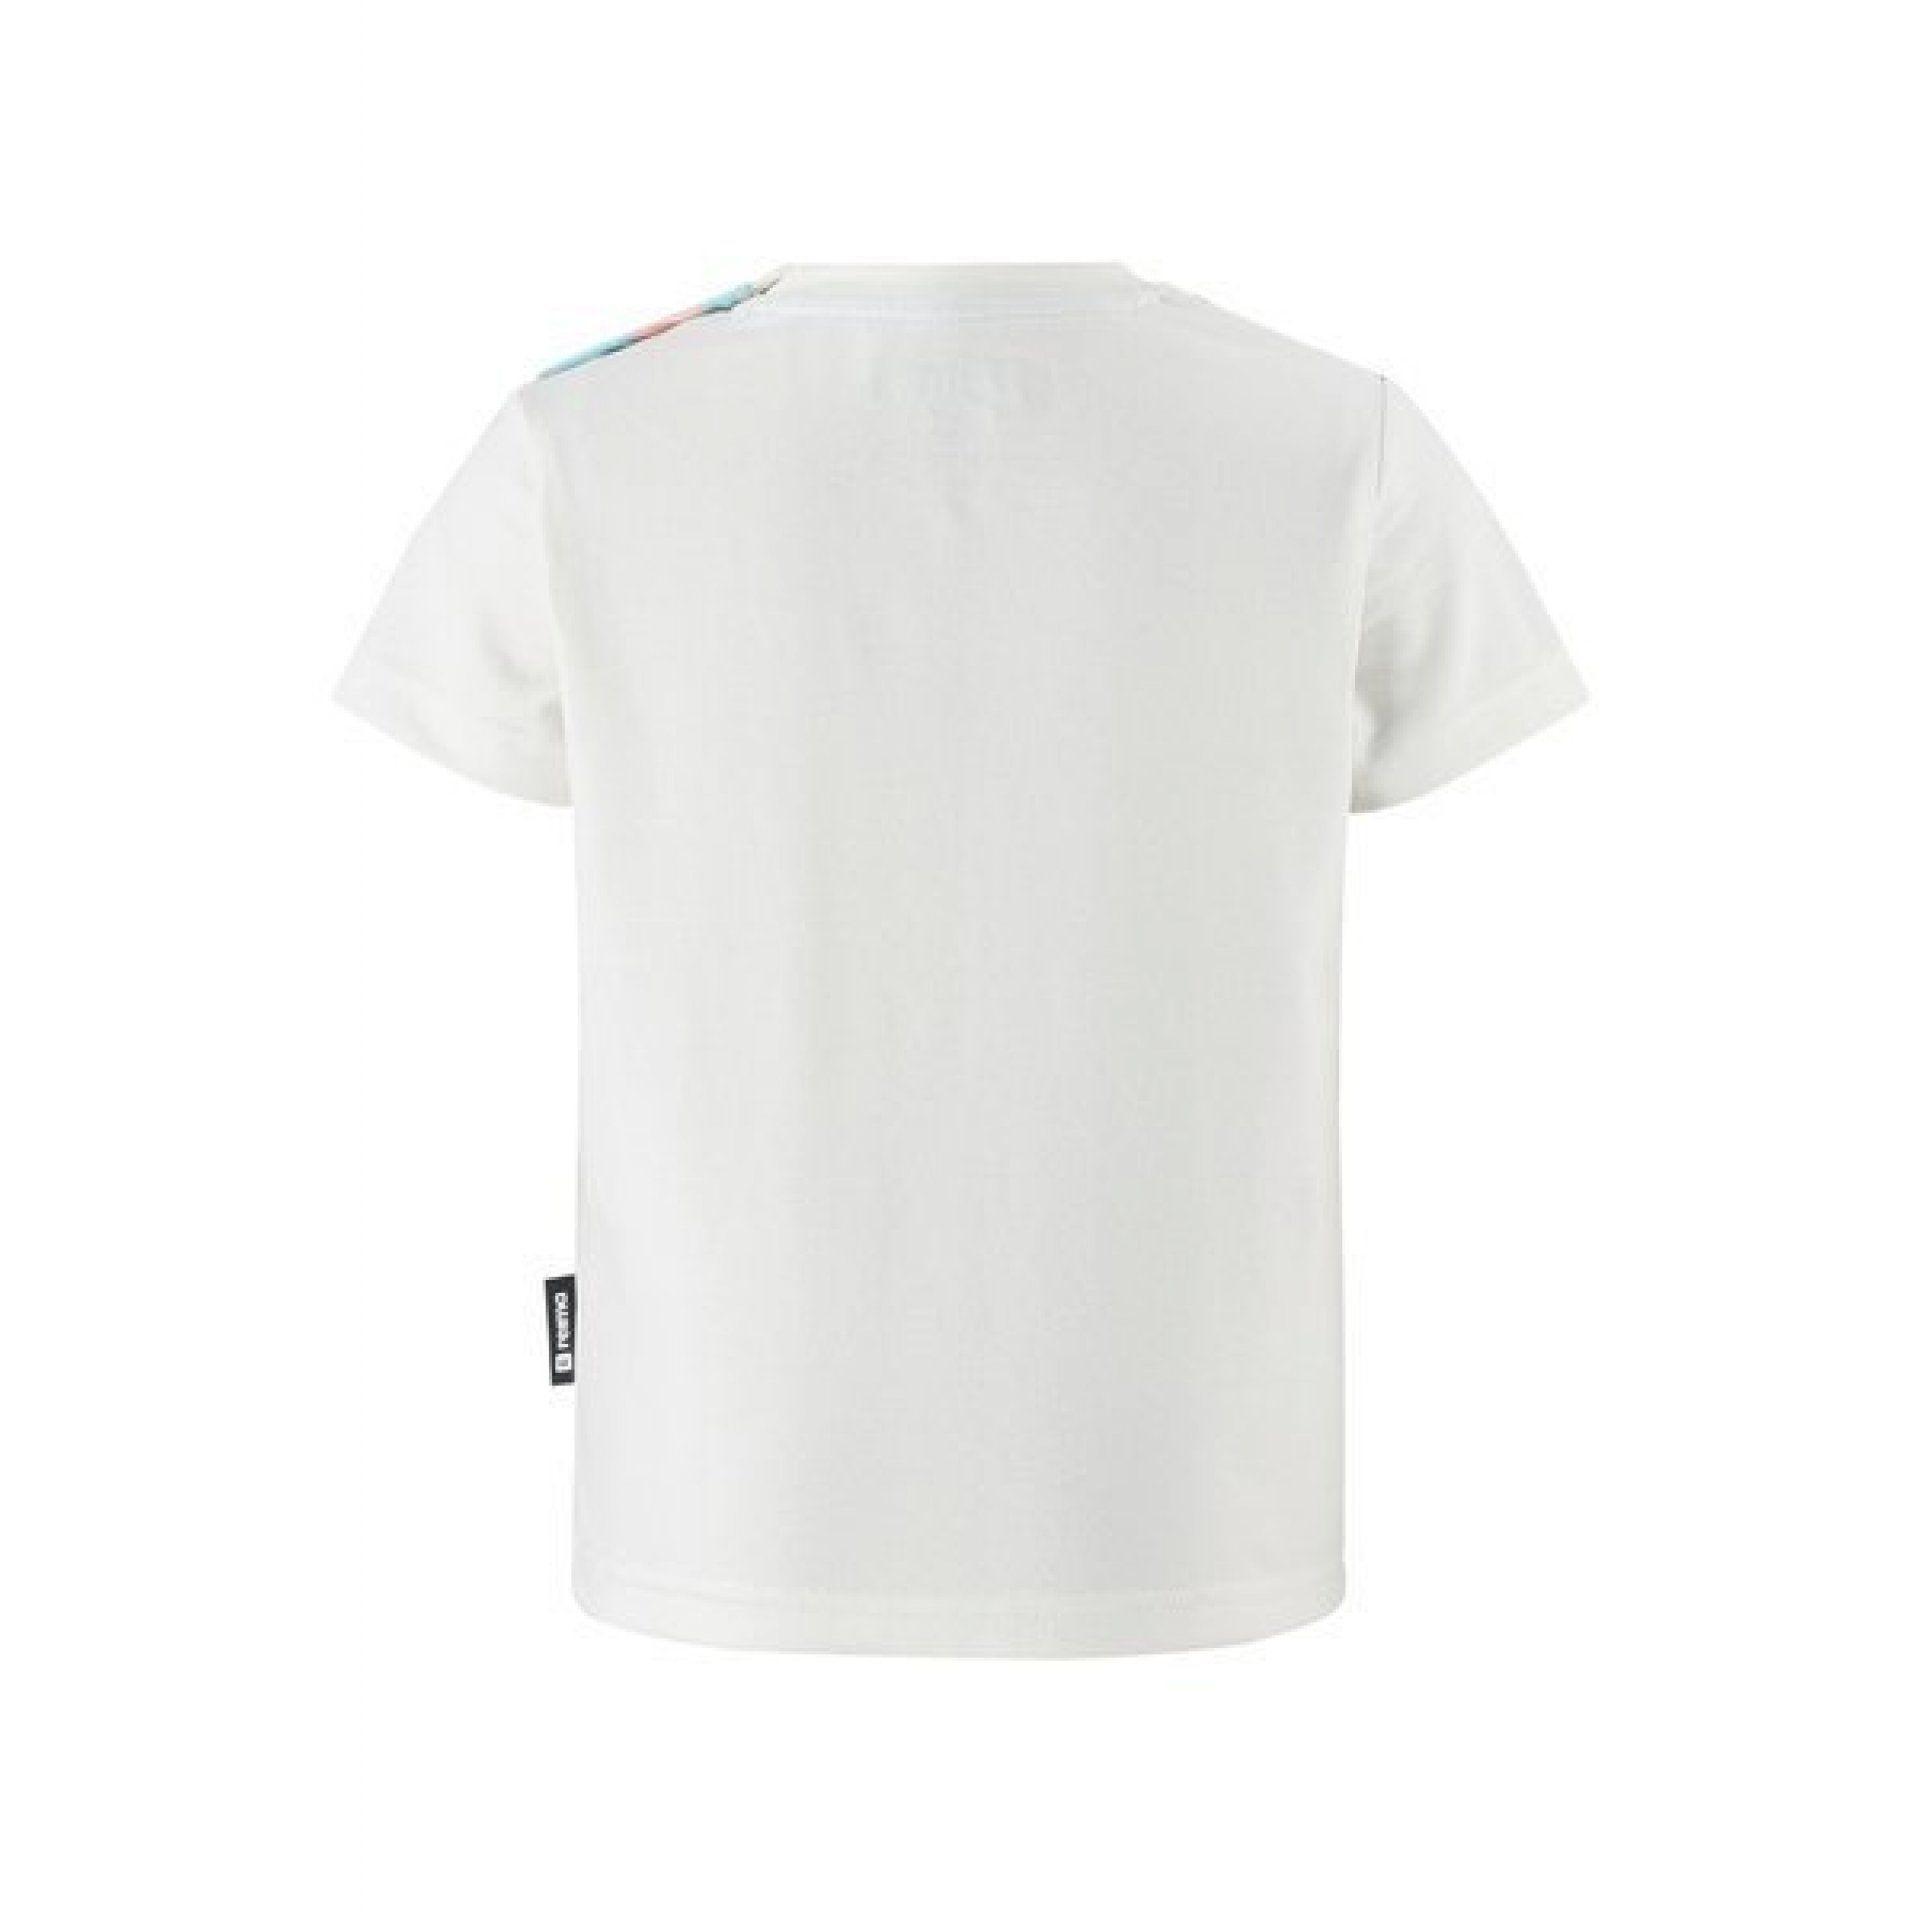 T-SHIRT REIMA SUUNTIMA 526389 0110 WHITE TYŁ